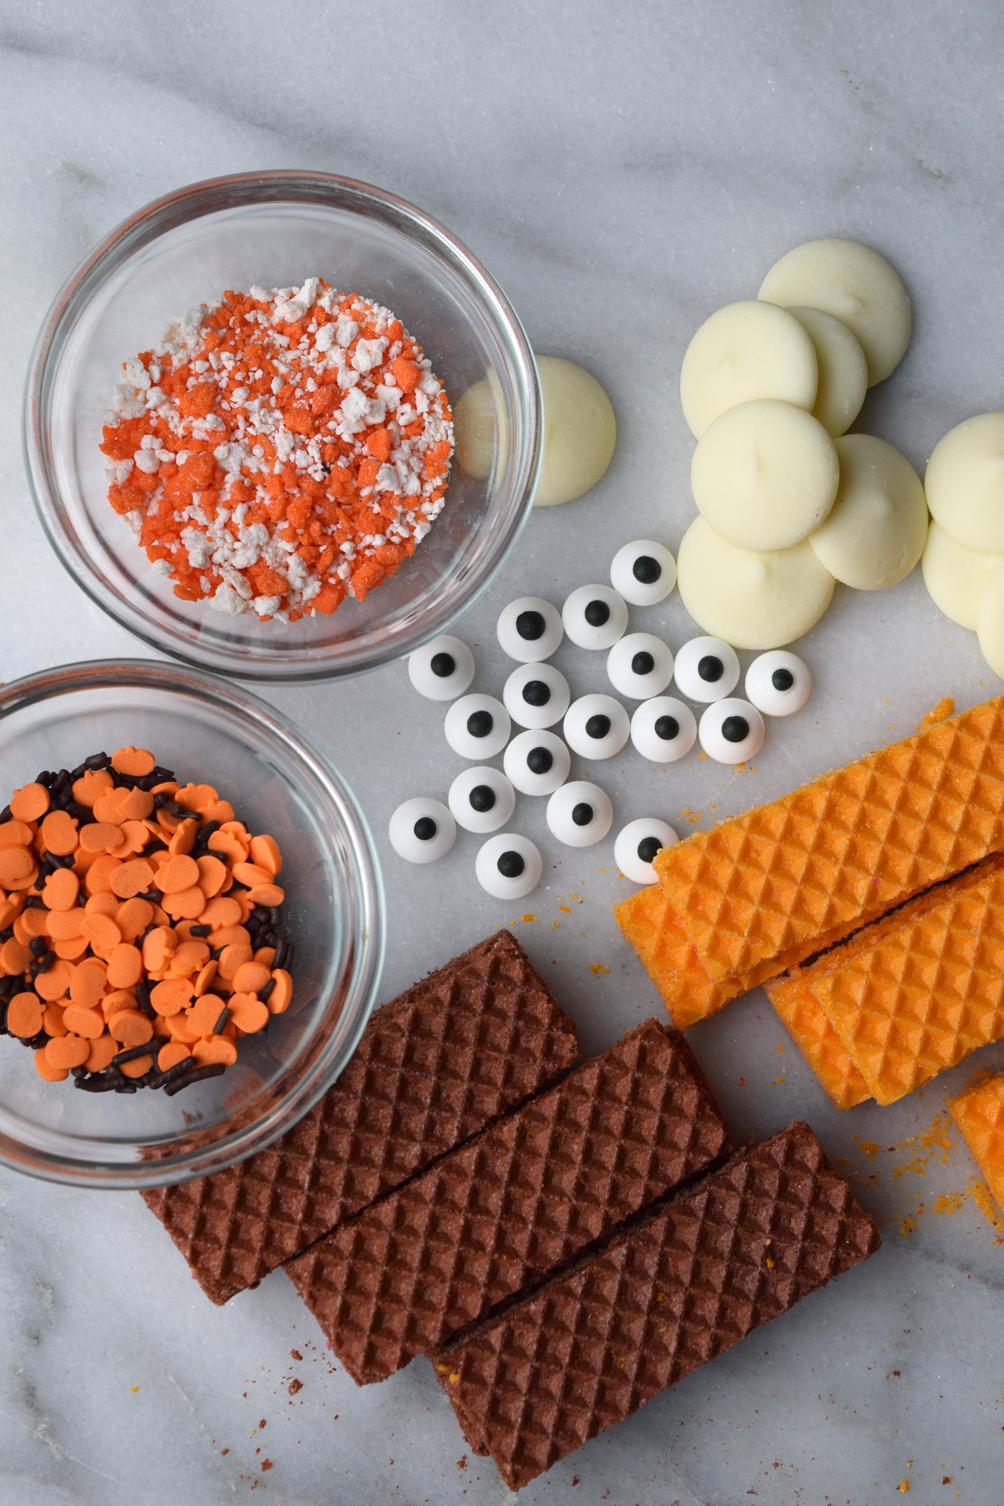 easy dessert ideas for Halloween